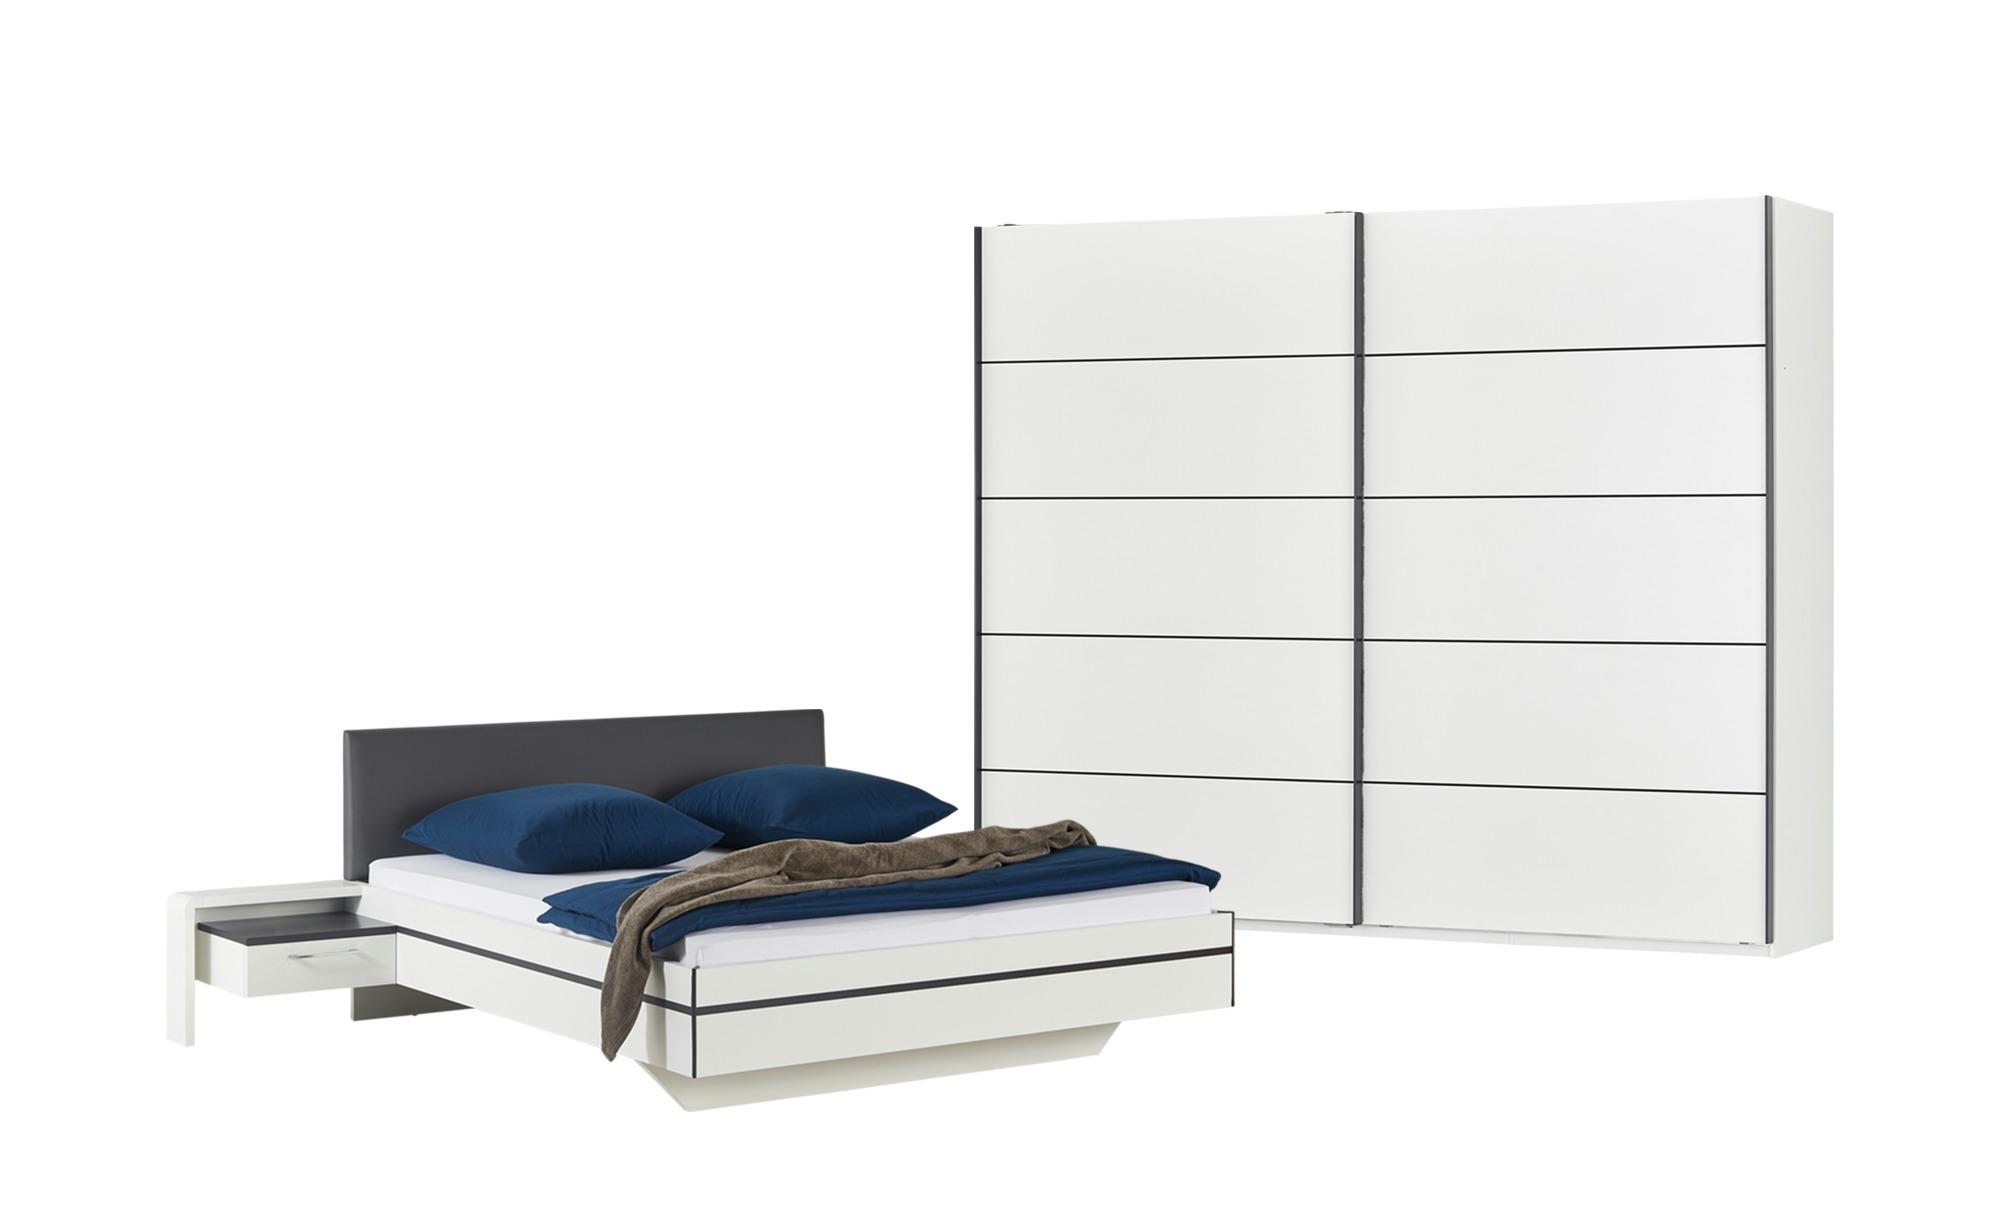 uno Komplett-Schlafzimmer, 4-teilig  Snow ¦ weiß ¦ Maße (cm): B: 270 H: 226 T: 60 Komplett-Schlafzimmer - Höffner